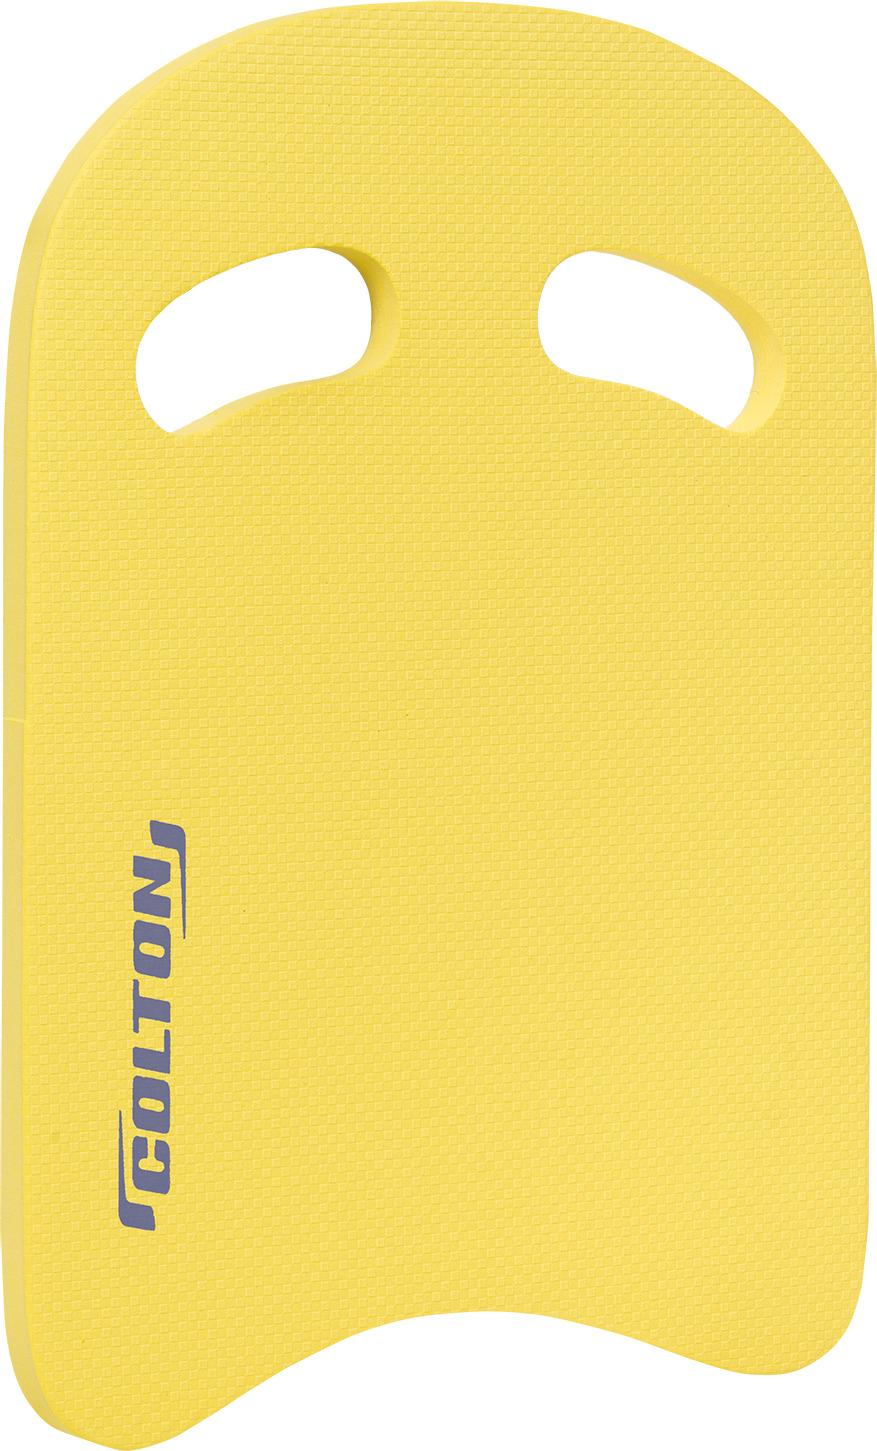 Доска для плавания Colton, цвет: желтый. SB-101